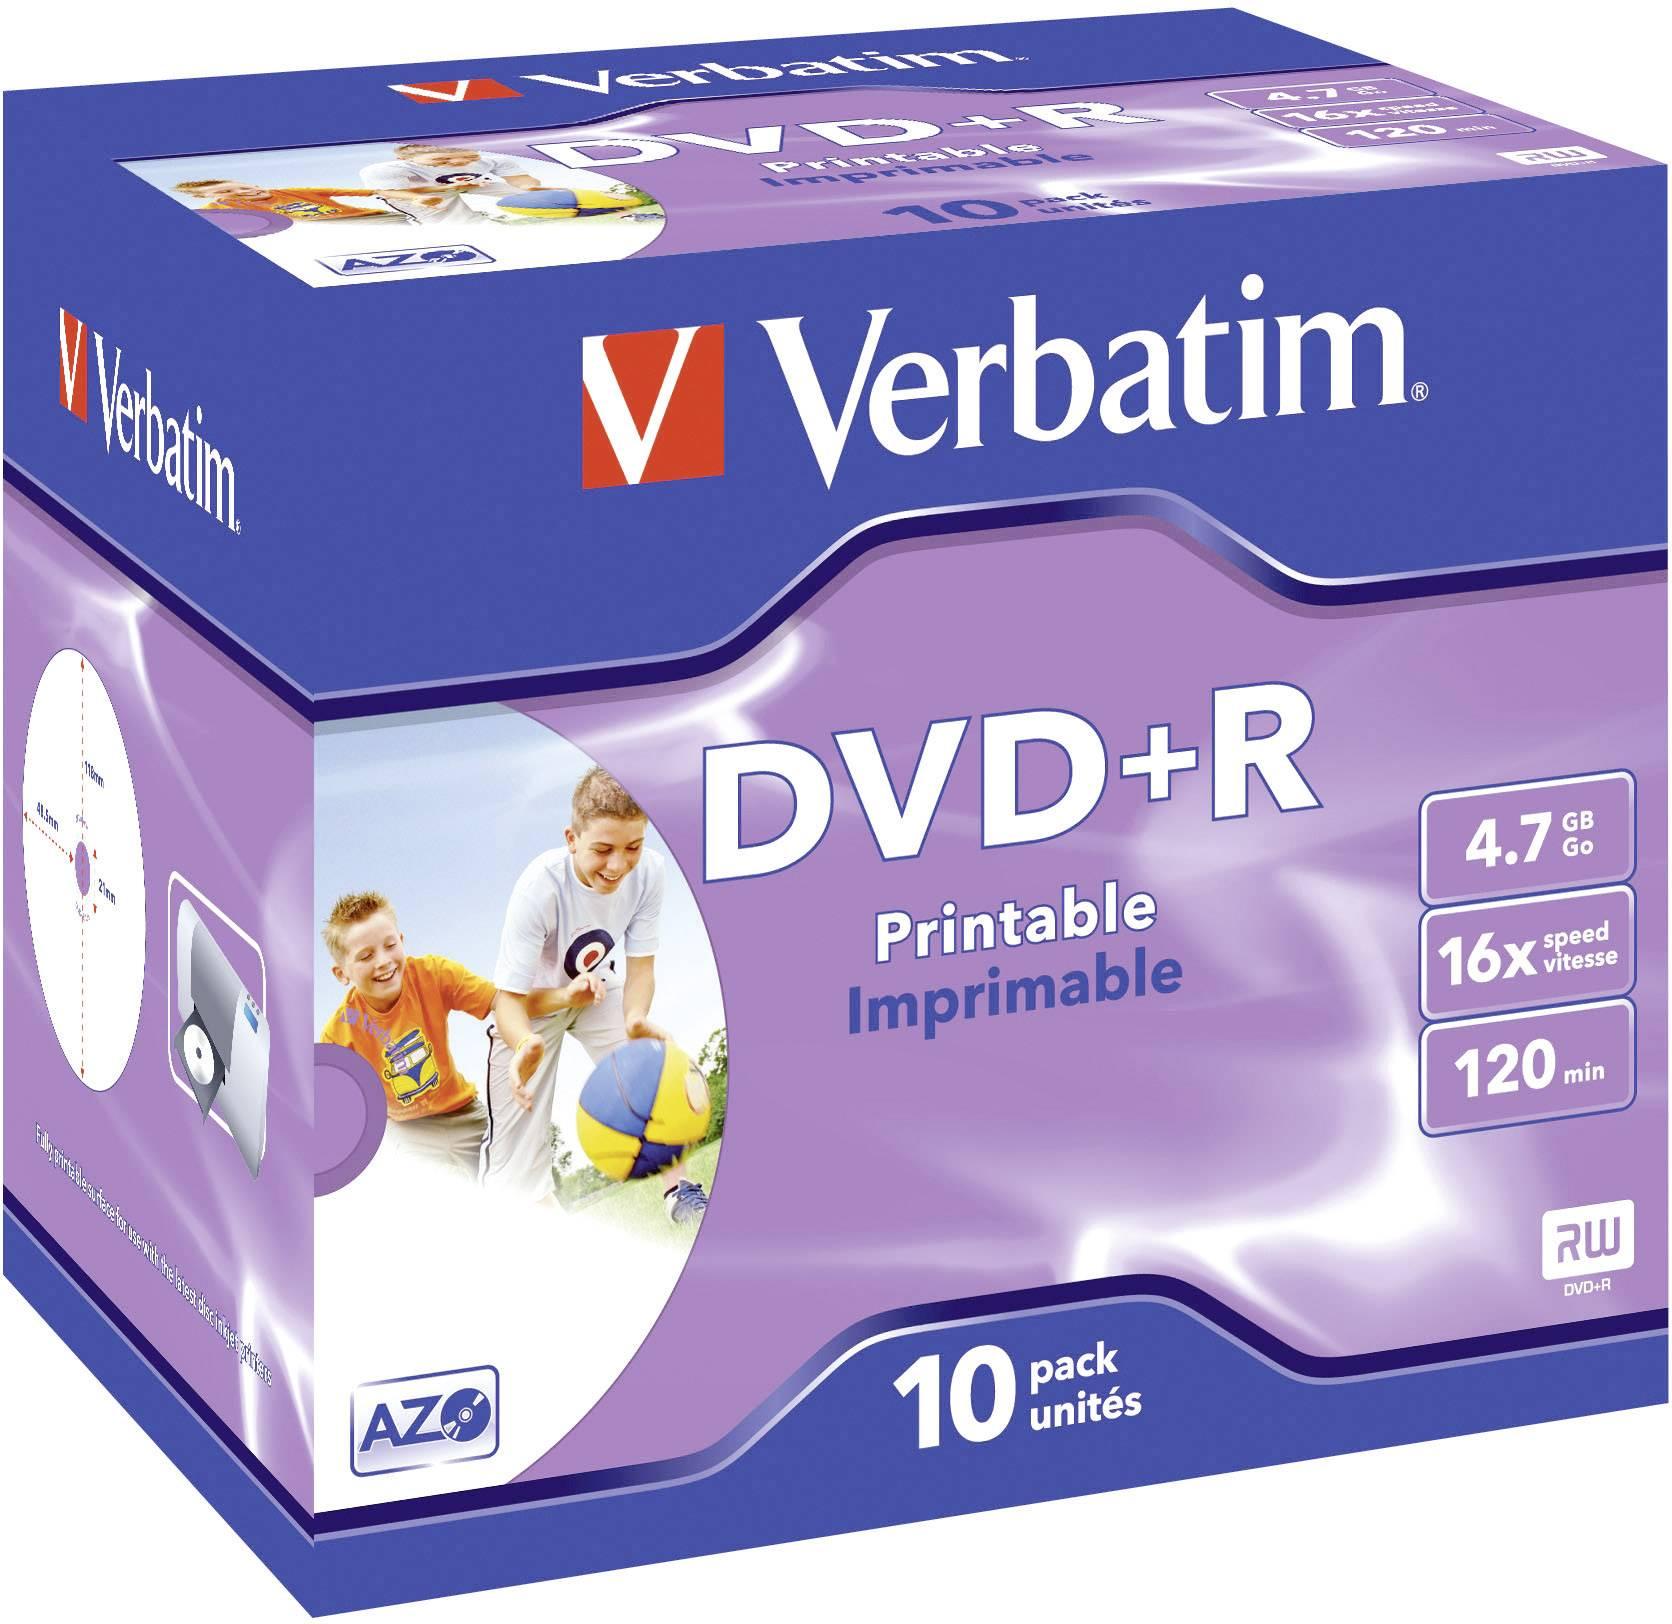 DVD+R 4.7 GB Verbatim 43508, s potiskem, 10 ks, Jewelcase